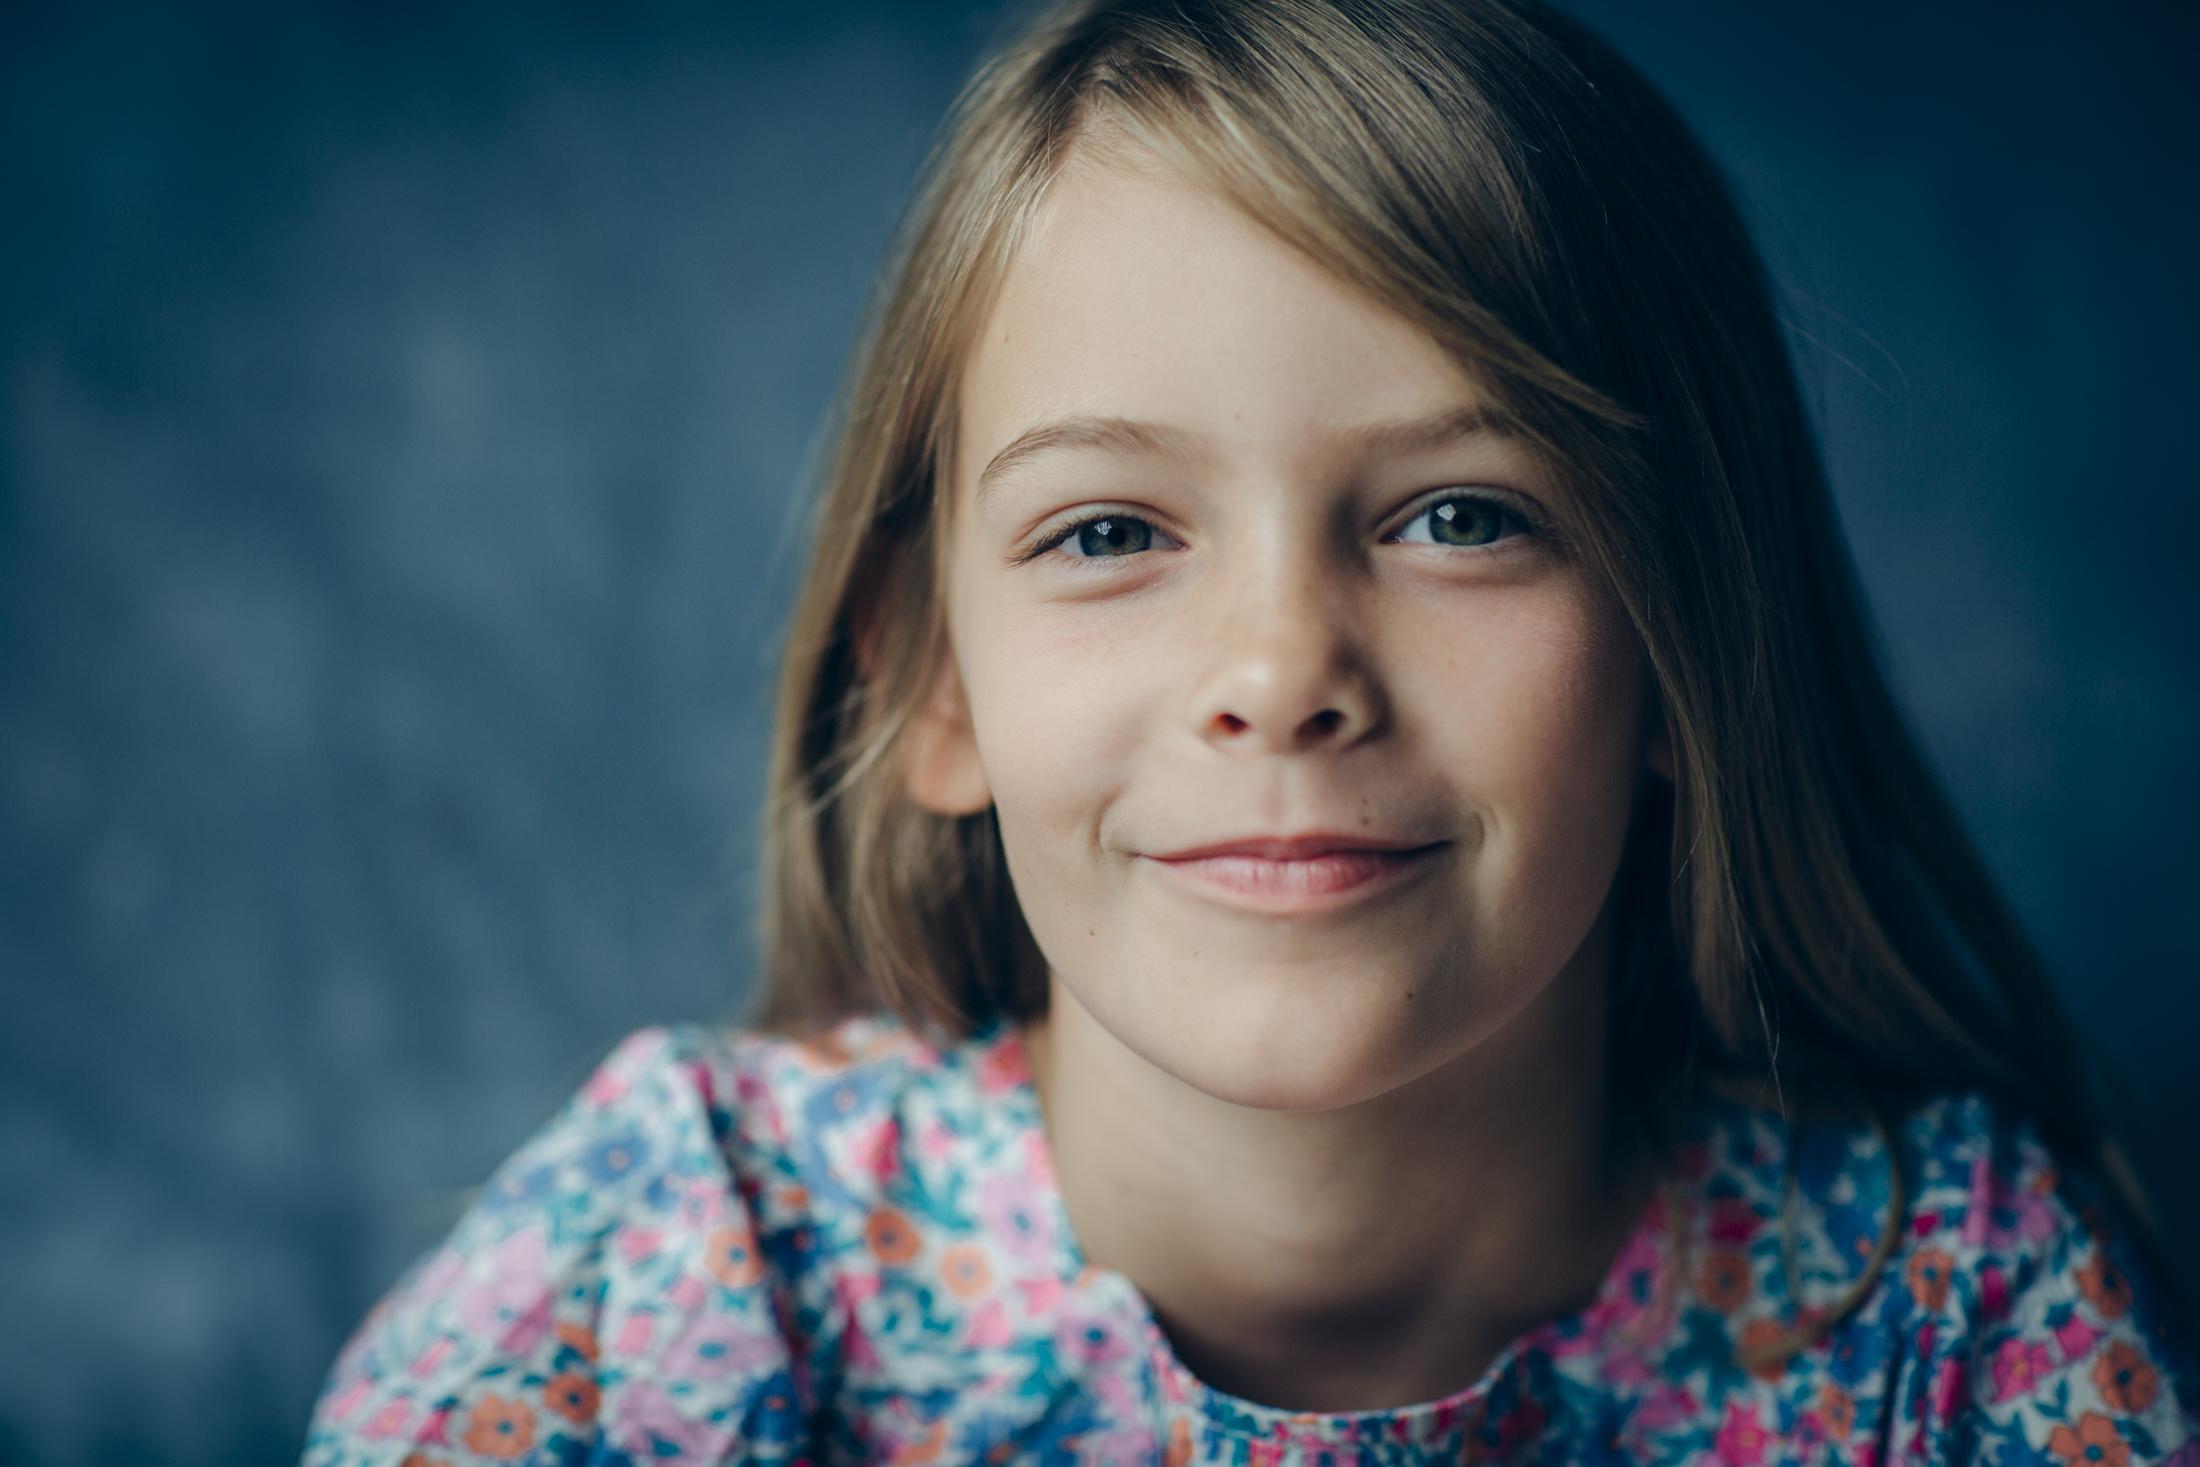 sydney_child_portrait_photgrapher_sheridan_nilsson-4800.jpg